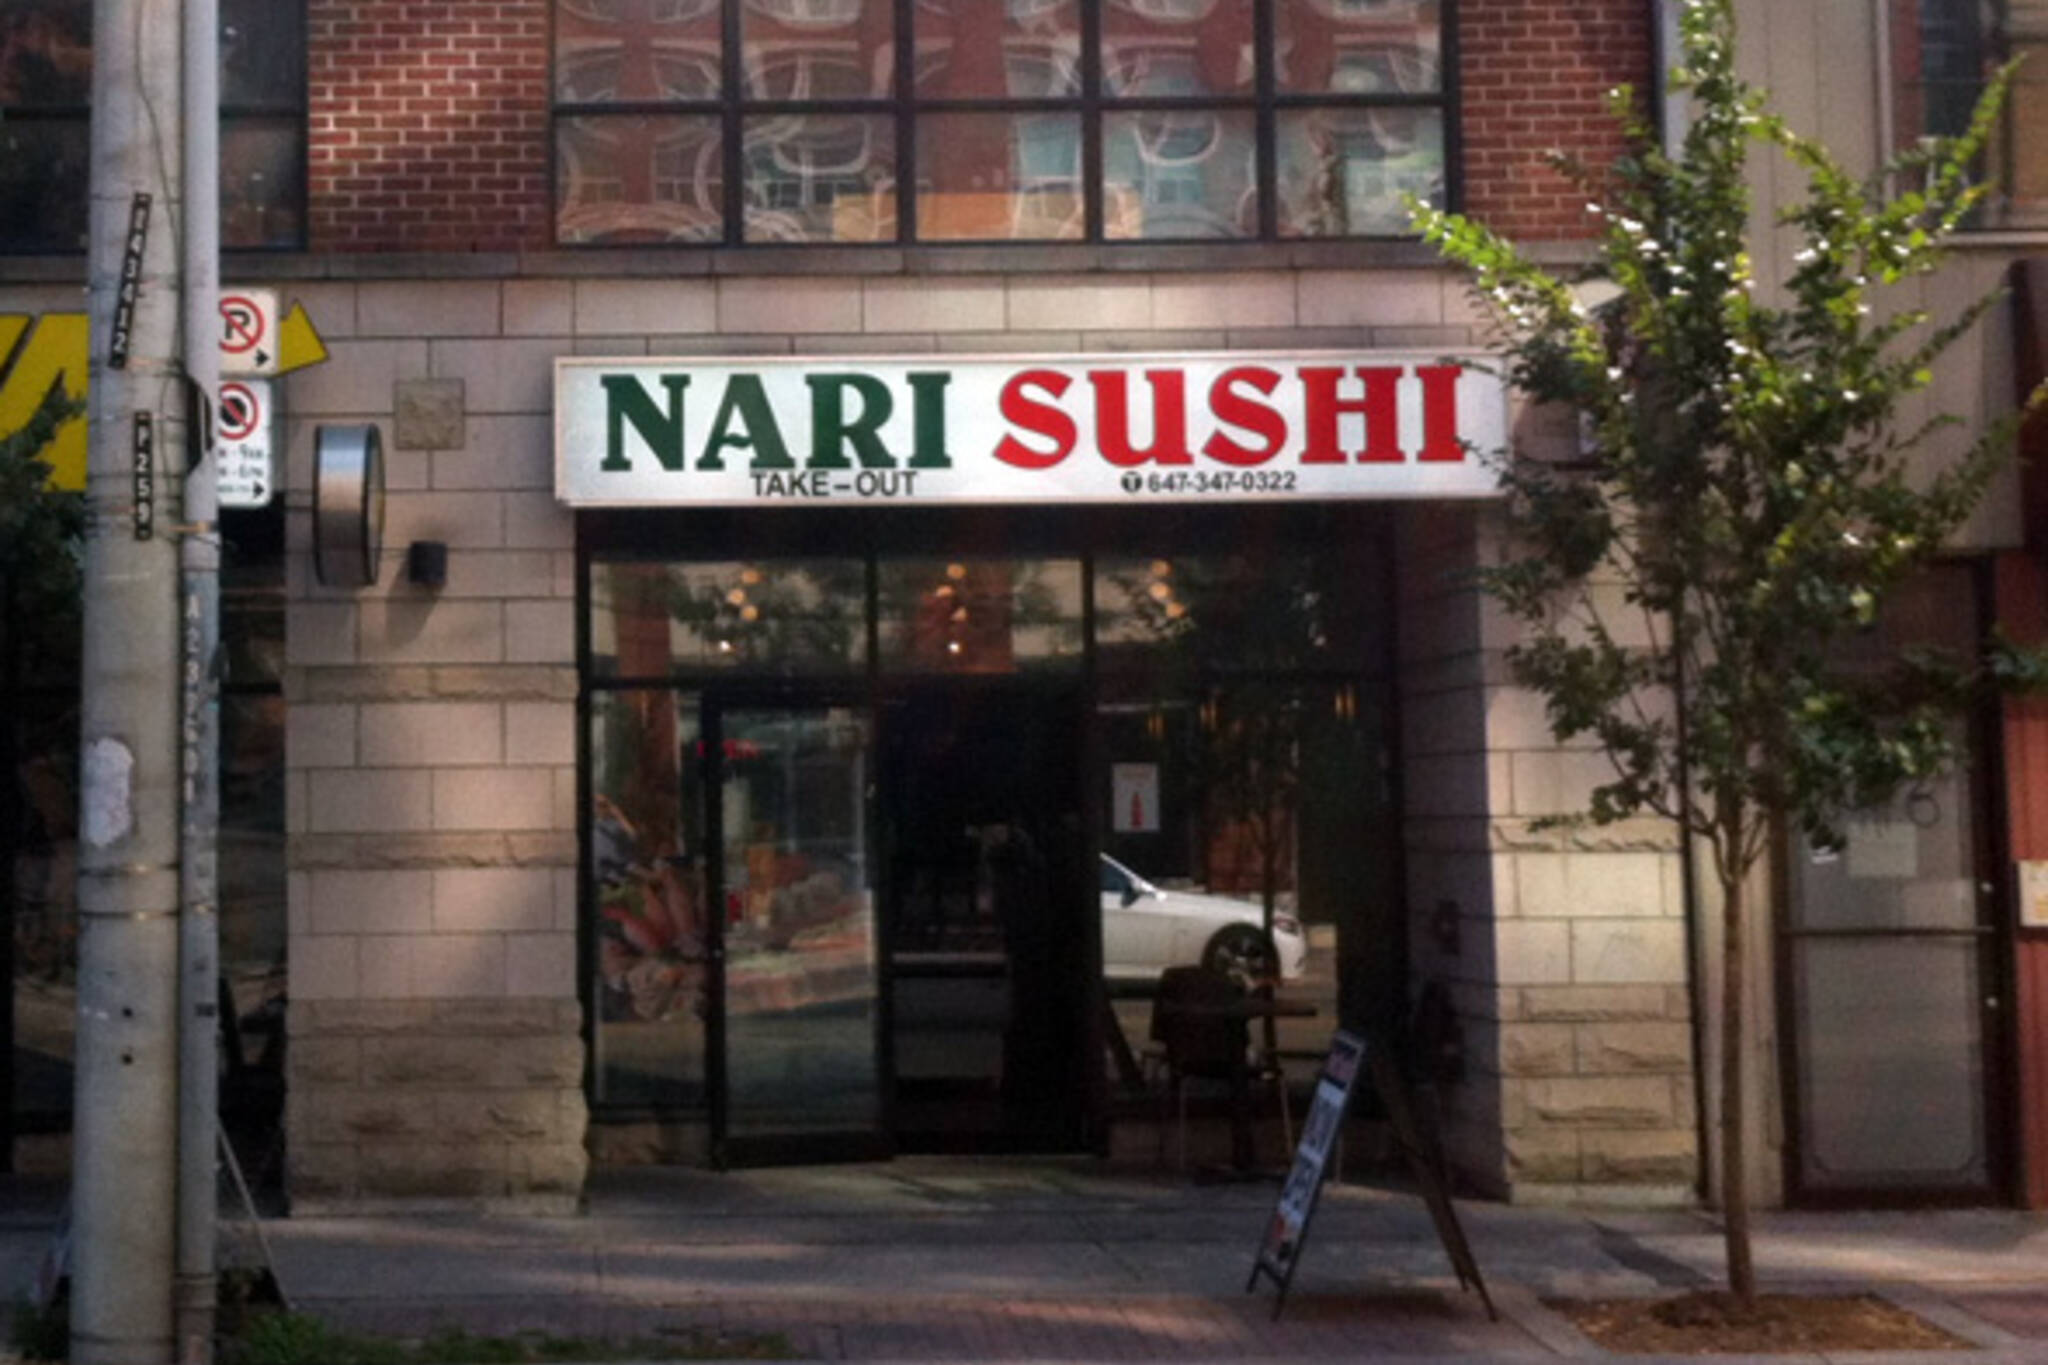 Nari Sushi